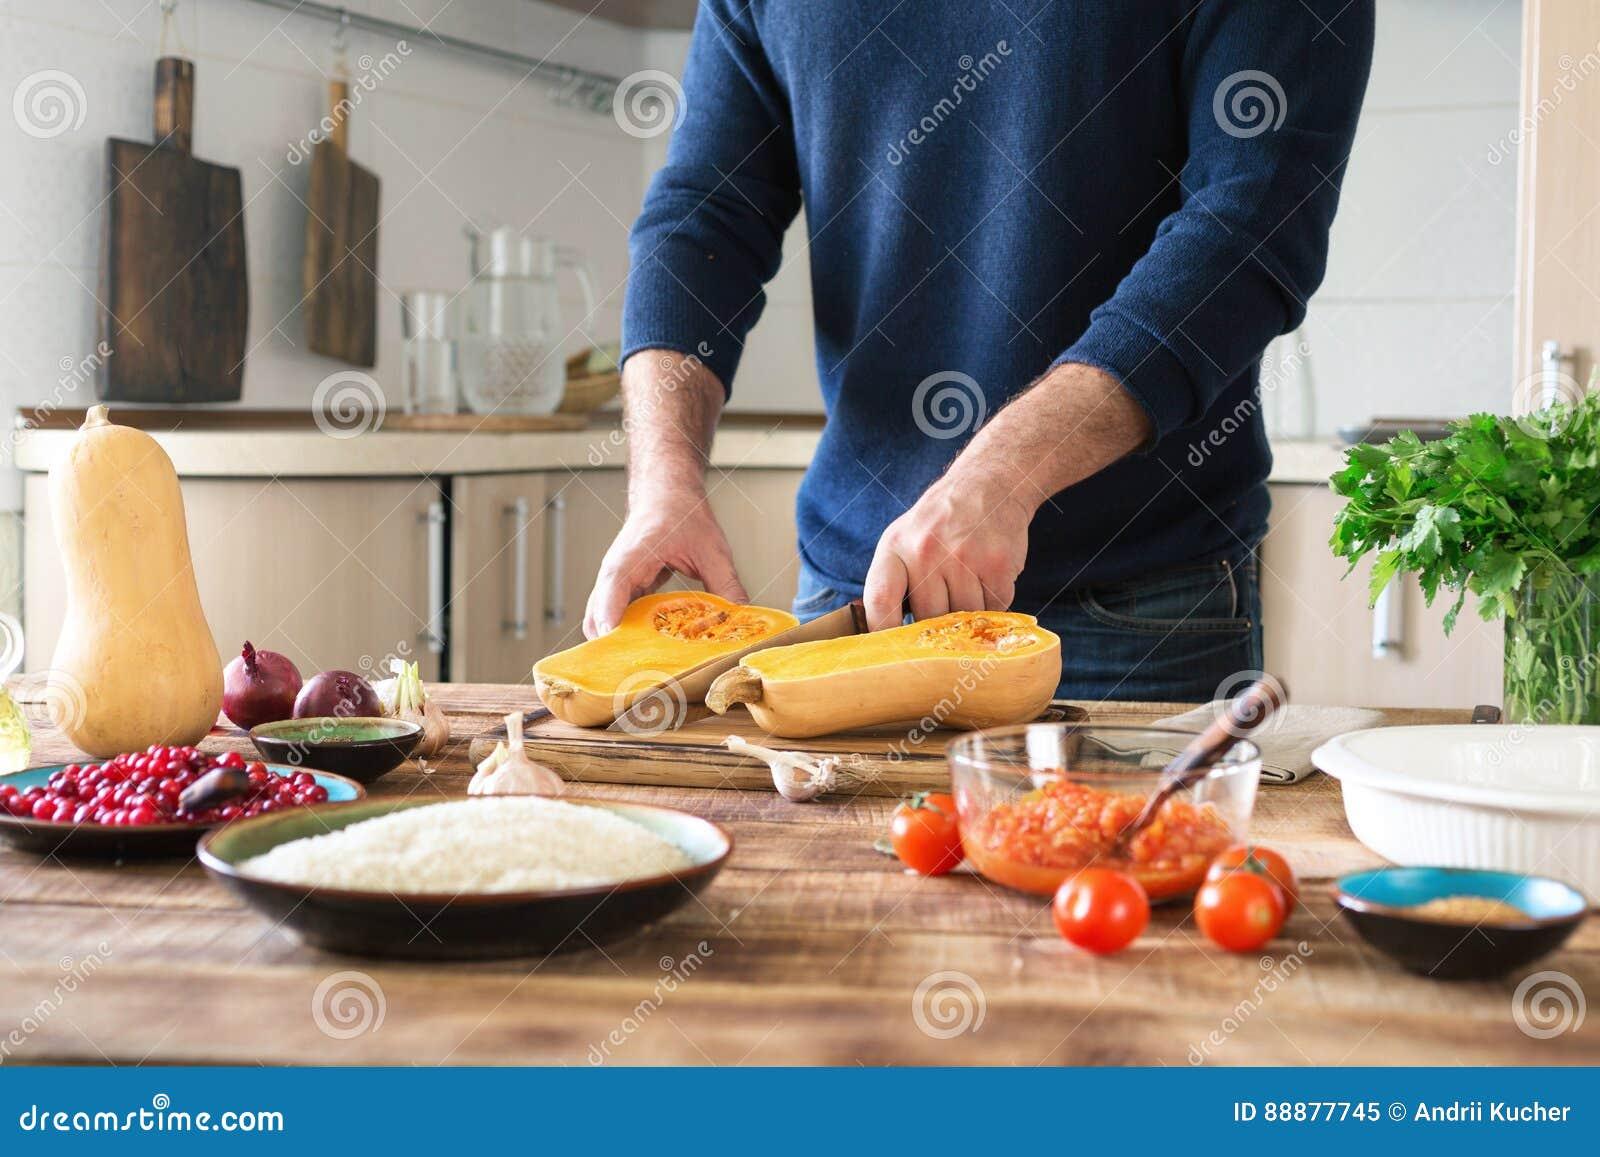 男性准备南瓜盘充塞用米和蔓越桔